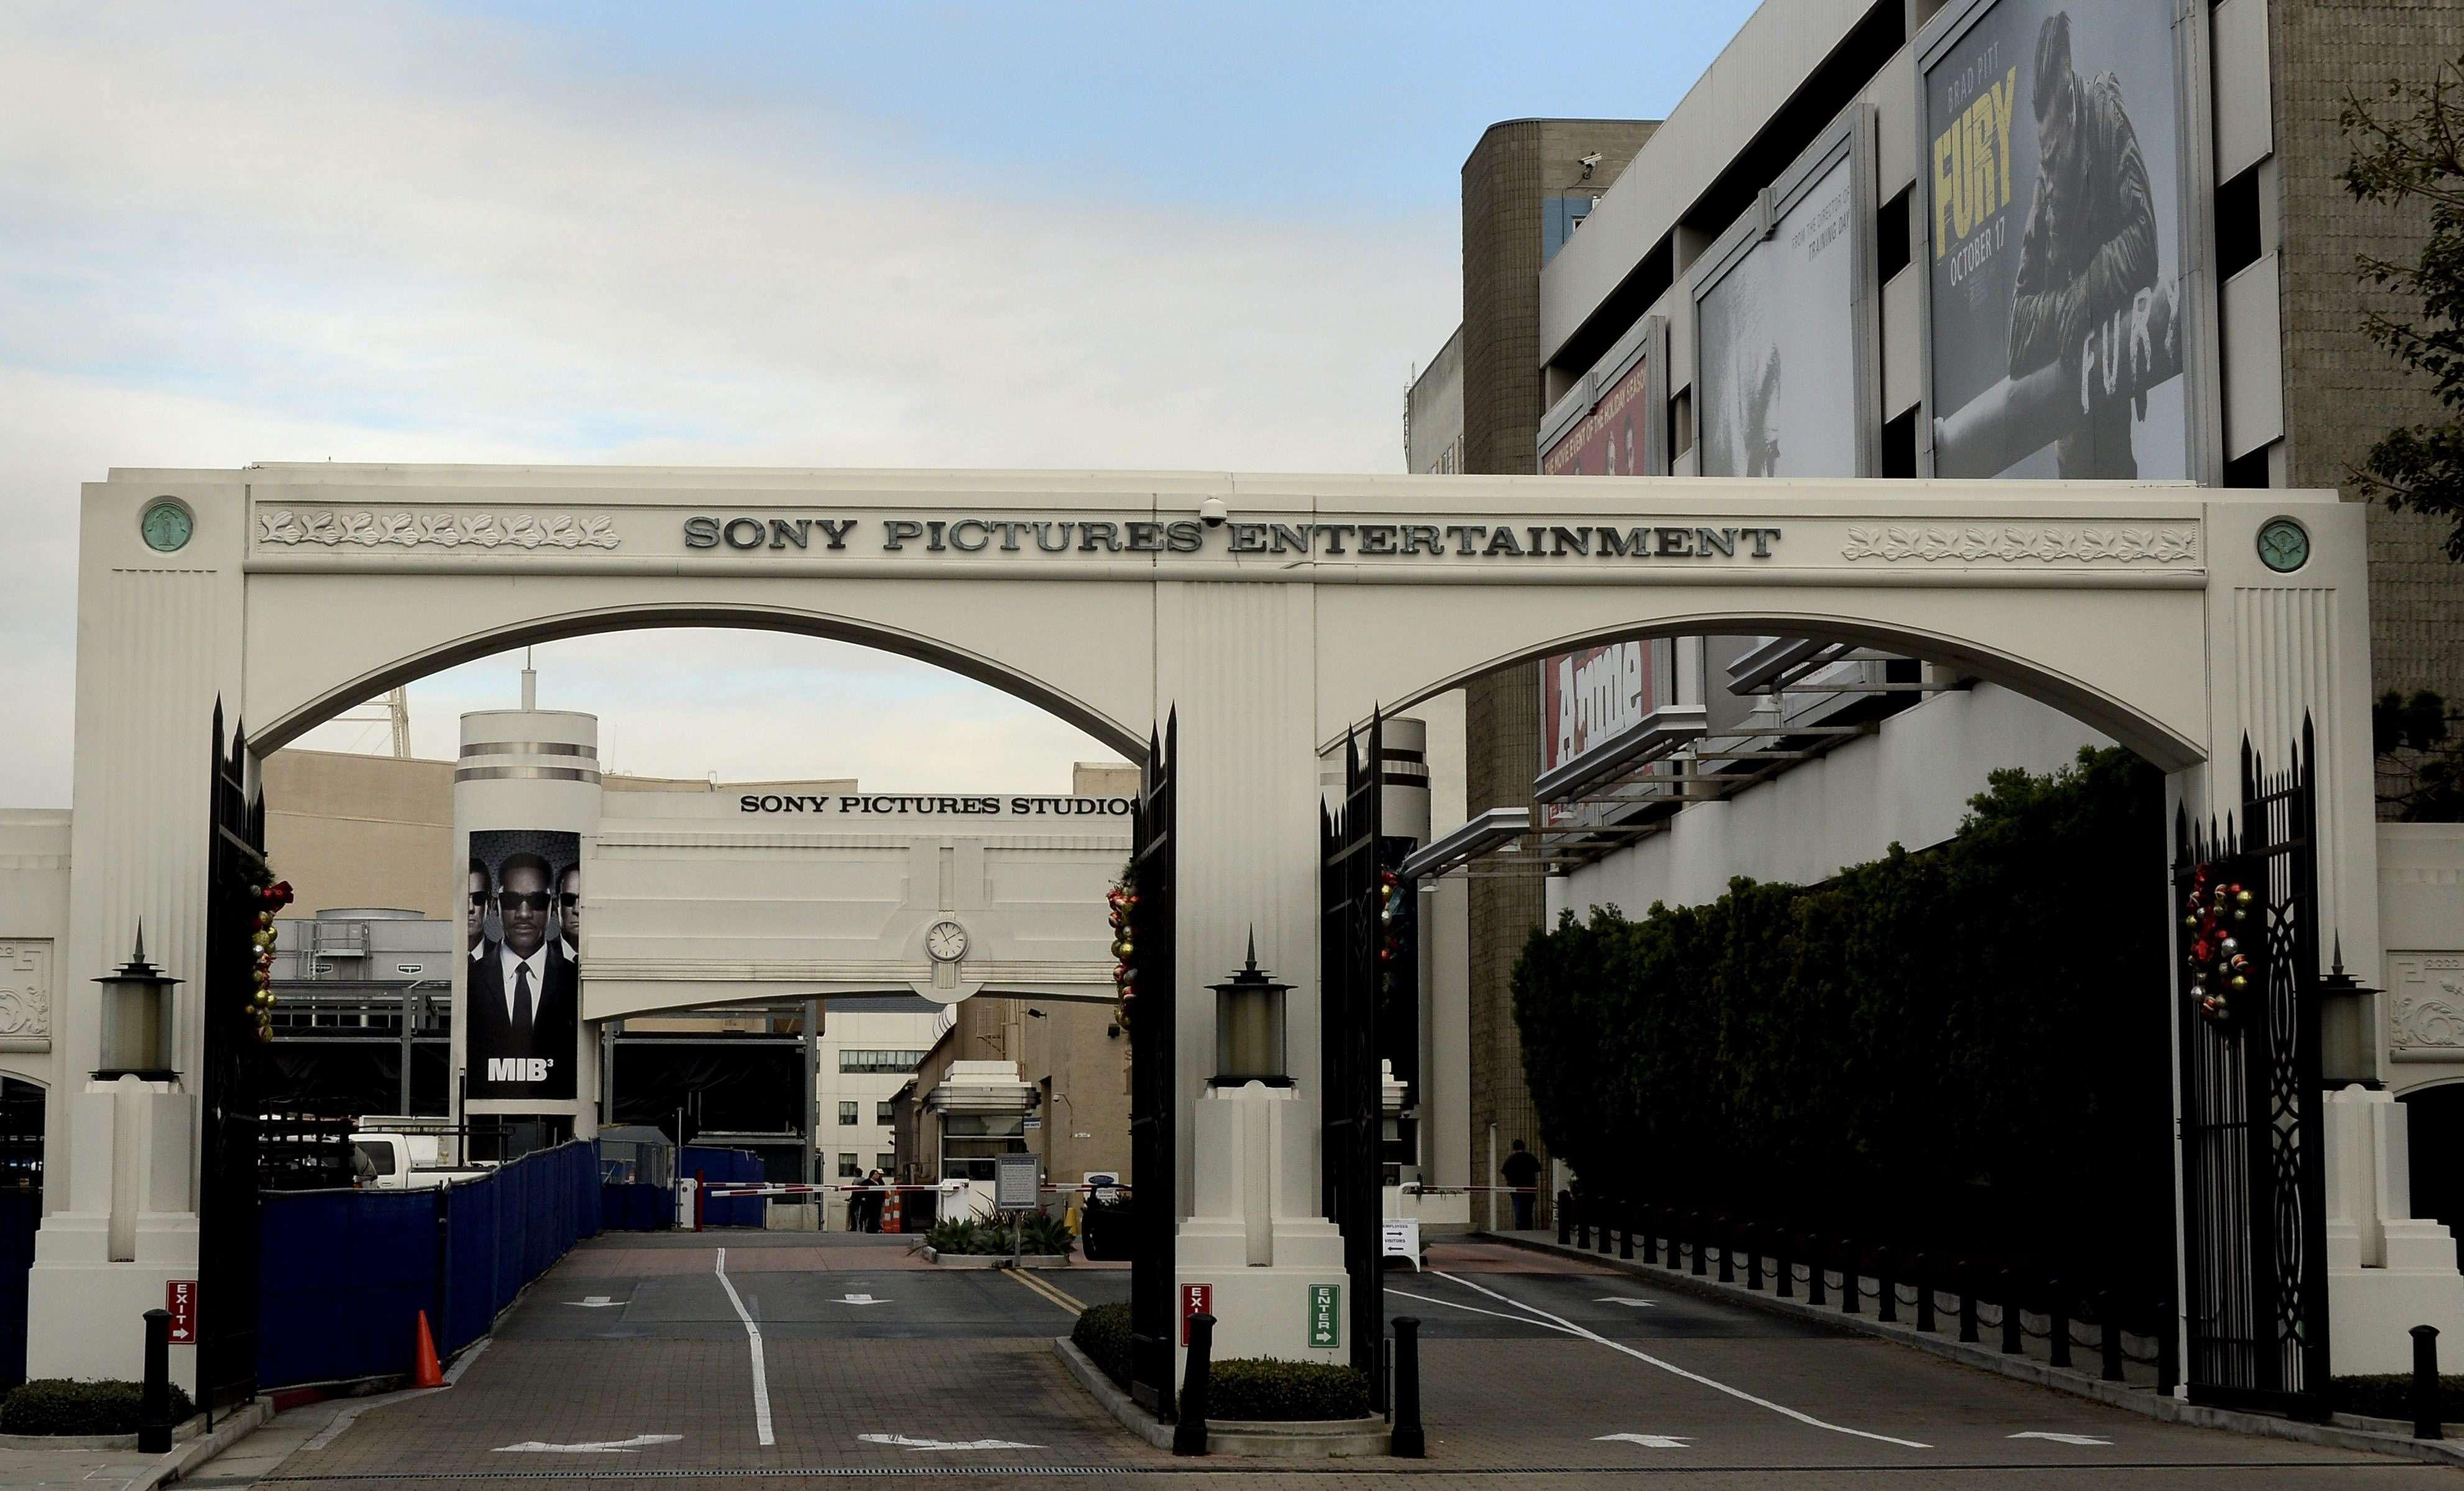 Entrada a los estudios de Sony Pictures Entertainment en Culver City (Estados Unidos) ayer, jueves 18 de diciembre de 2014. Foto: EFE en español